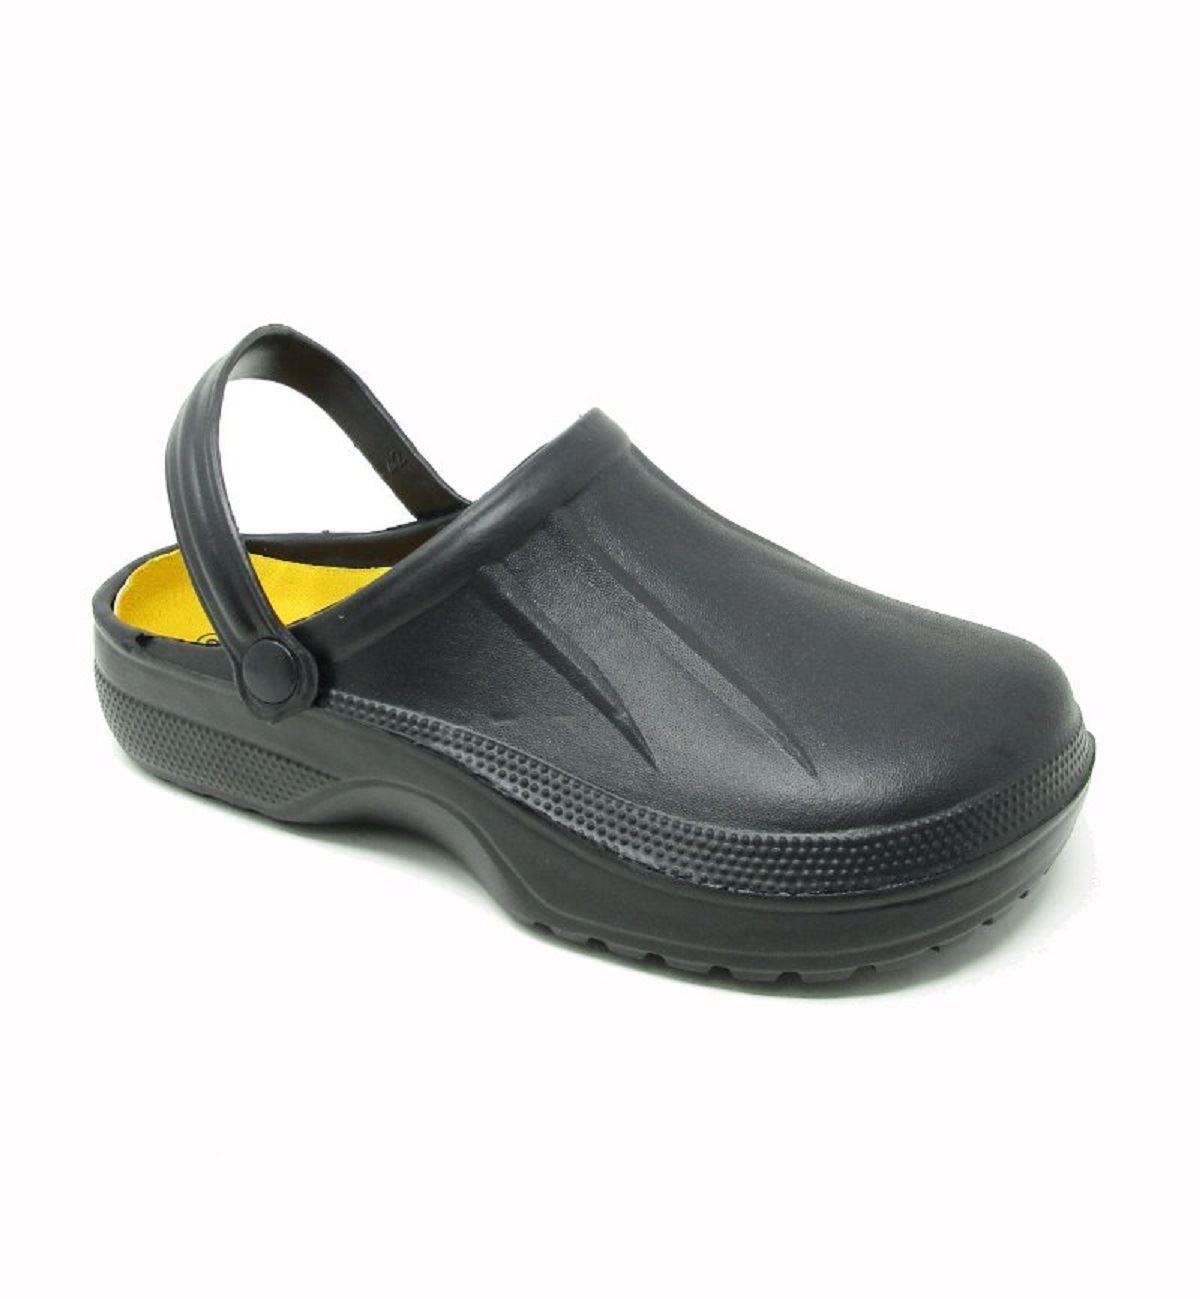 Womens-Clogs-Mules-Slipper-Nursing-Garden-Beach-Sandals-Hospital-Rubber-Shoes miniatura 6